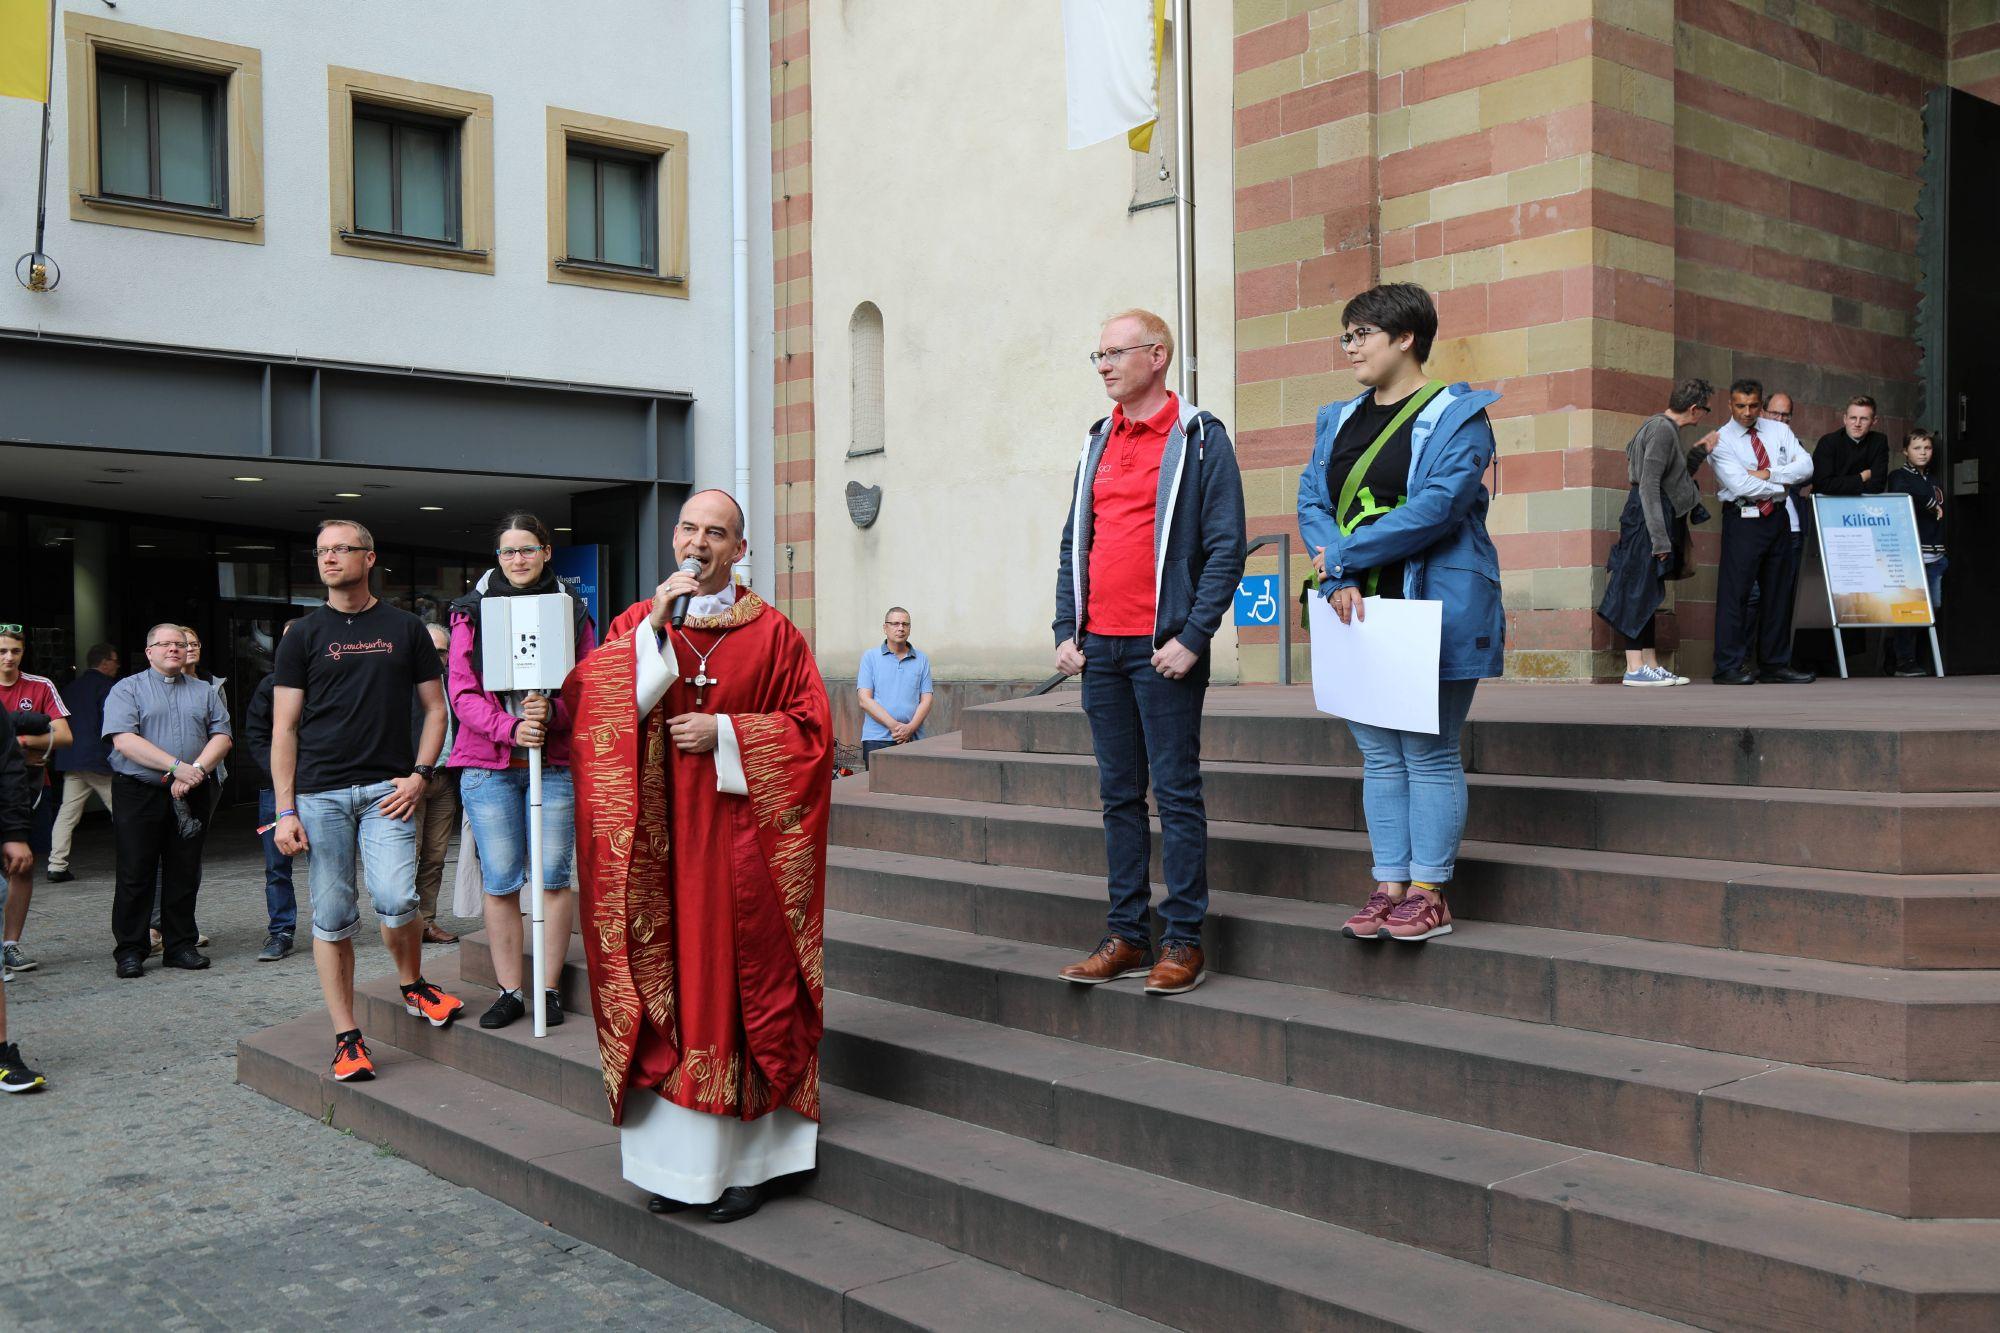 Bischof Dr. Franz Jung, Diözesanjugendseelsorger Stephan Schwab und BDKJ-Diözesanvorsitzende Christina Lömmer begrüßten die Jugendlichen auf dem Domvorplatz.